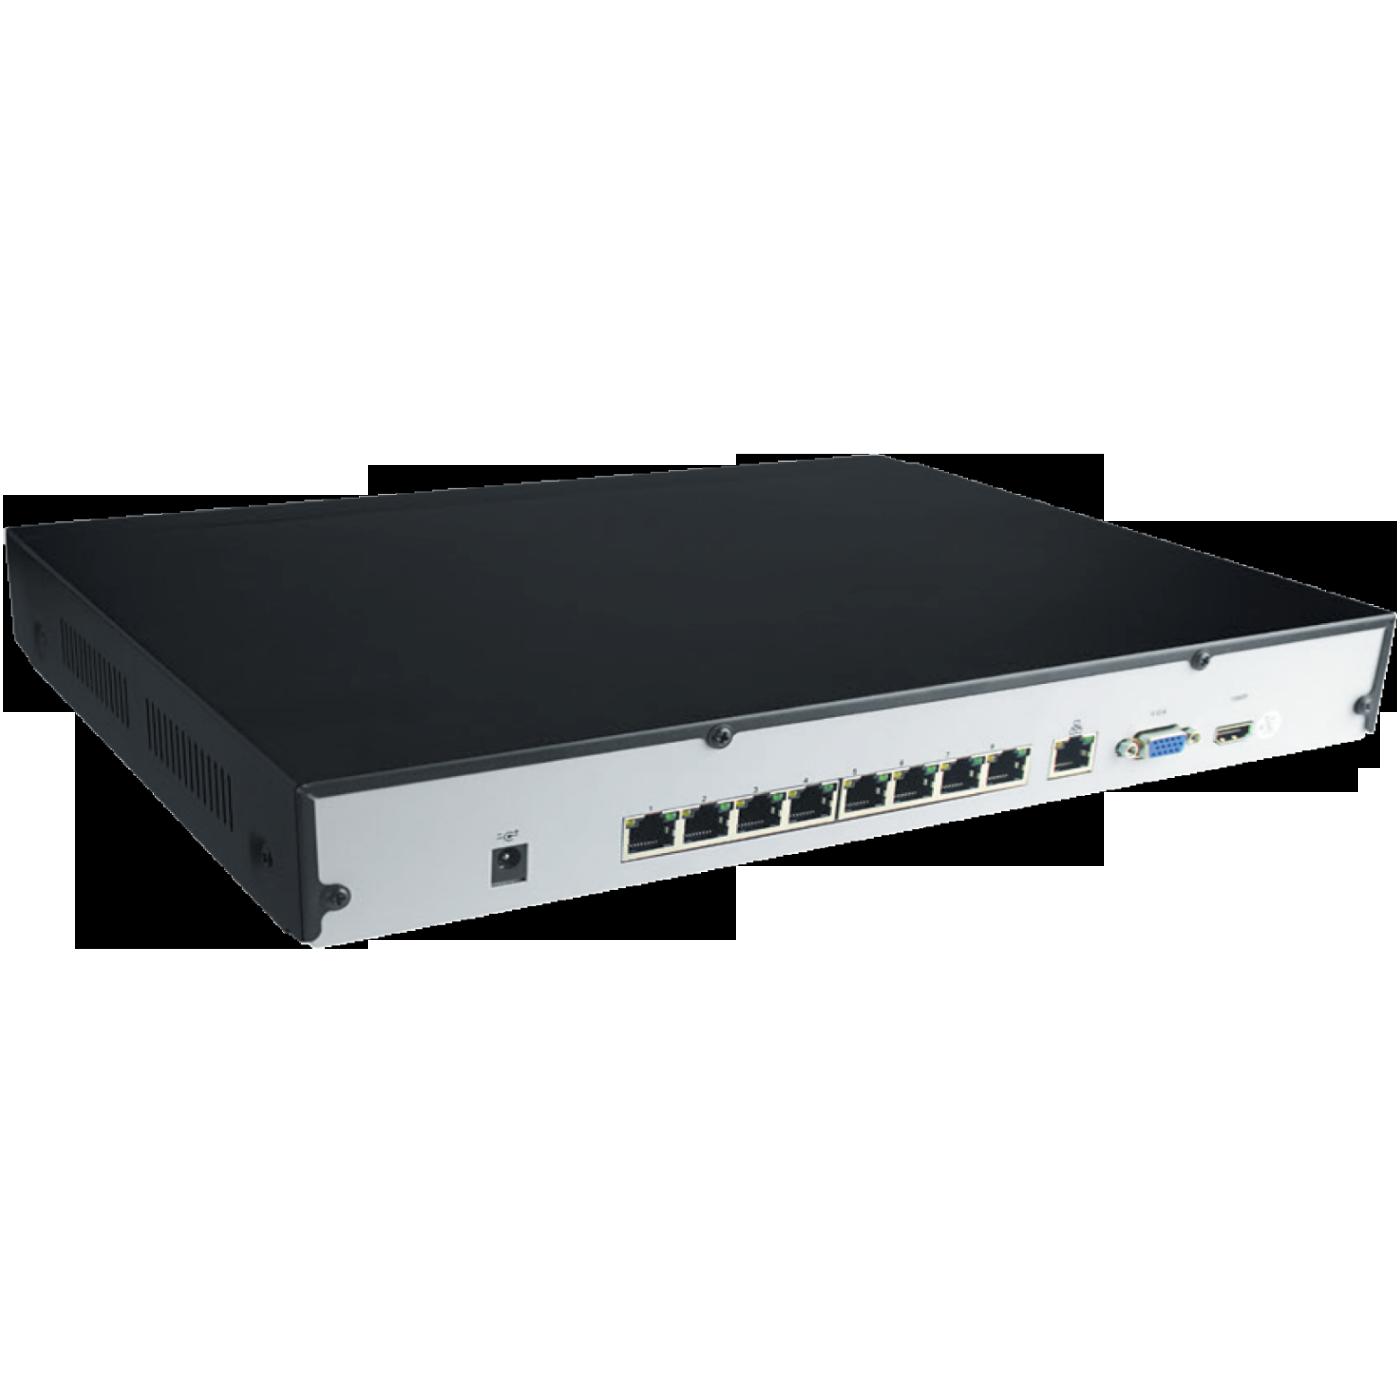 NVR9808AT NVR